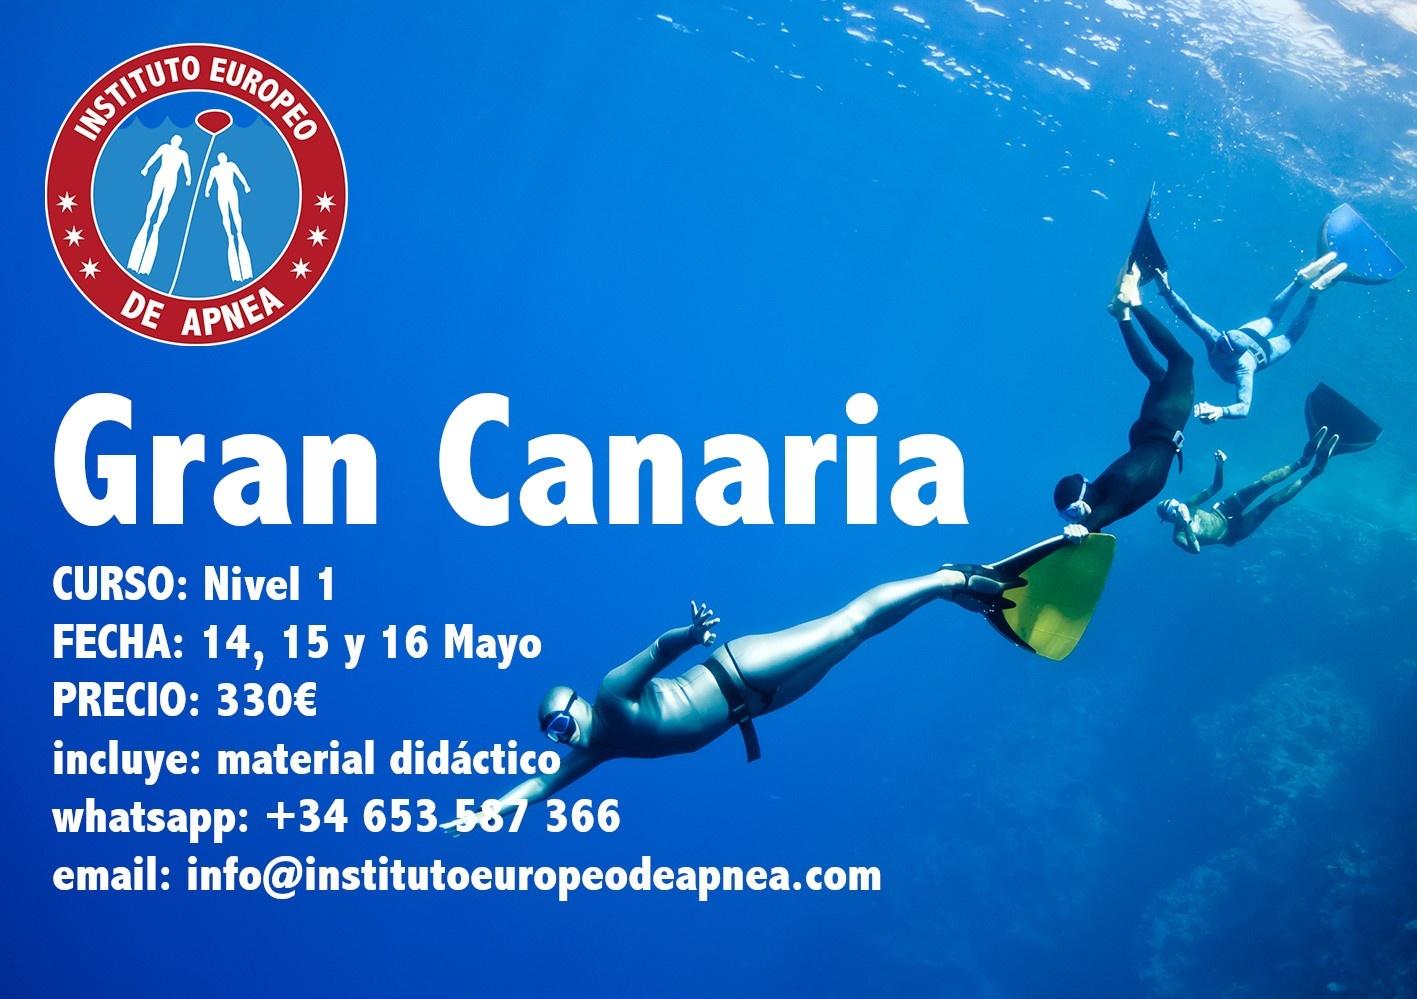 Curso de apnea en Gran Canaria